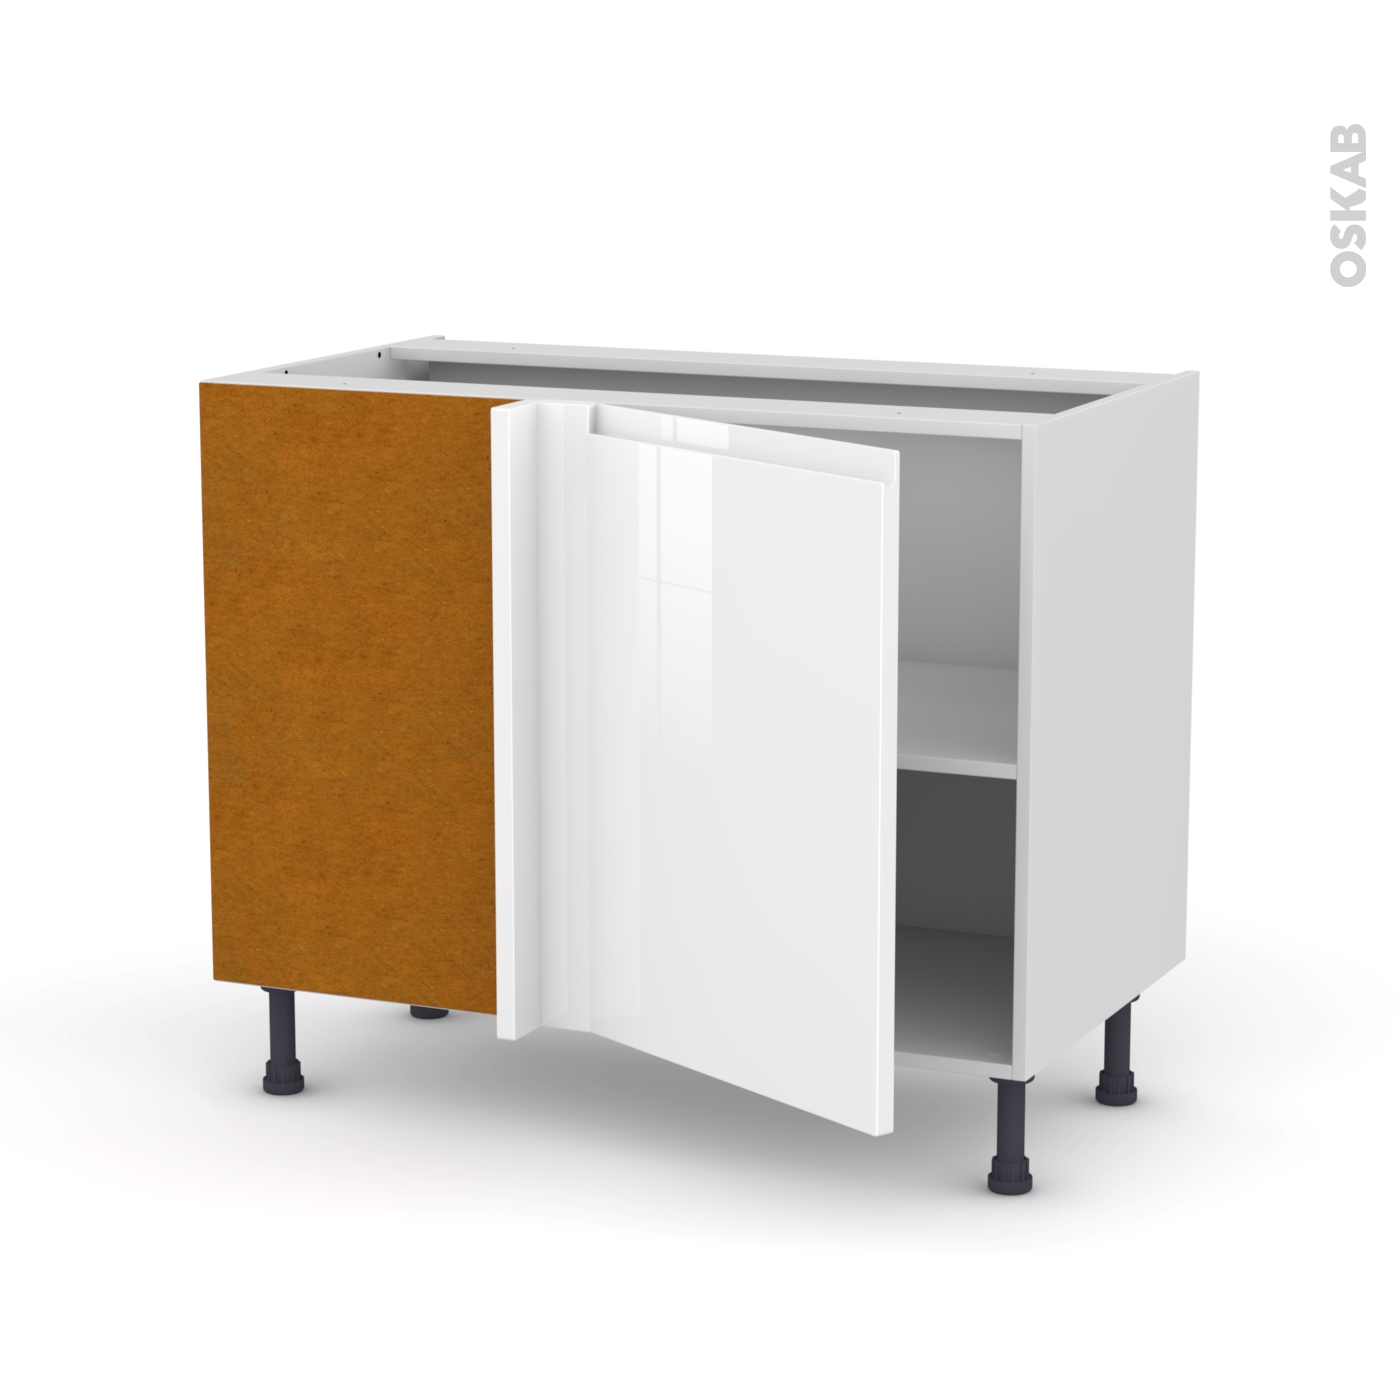 Meuble de cuisine Angle bas réversible IPOMA Blanc brillant, 14 porte N°14  L14 cm, L1400 x H14 x P14 cm